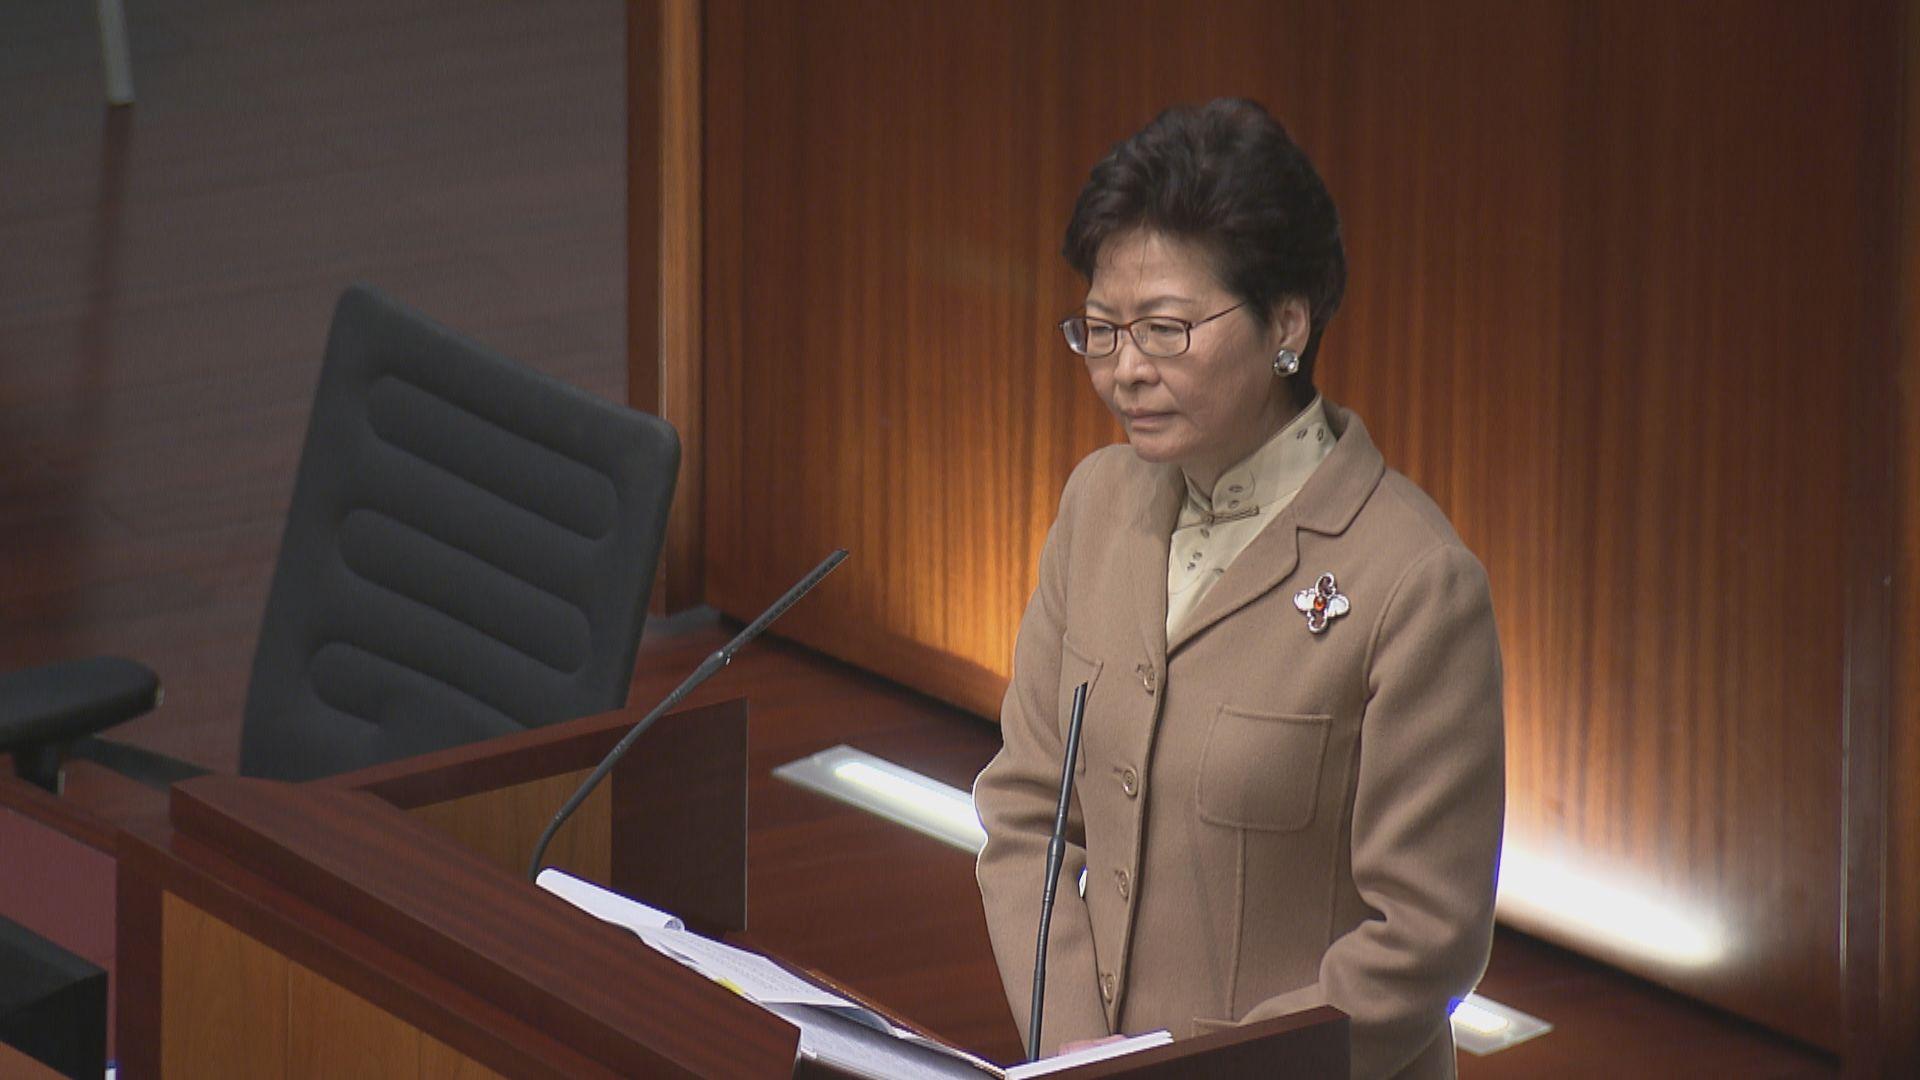 林鄭:要求重新檢視UGL案會被視為干預